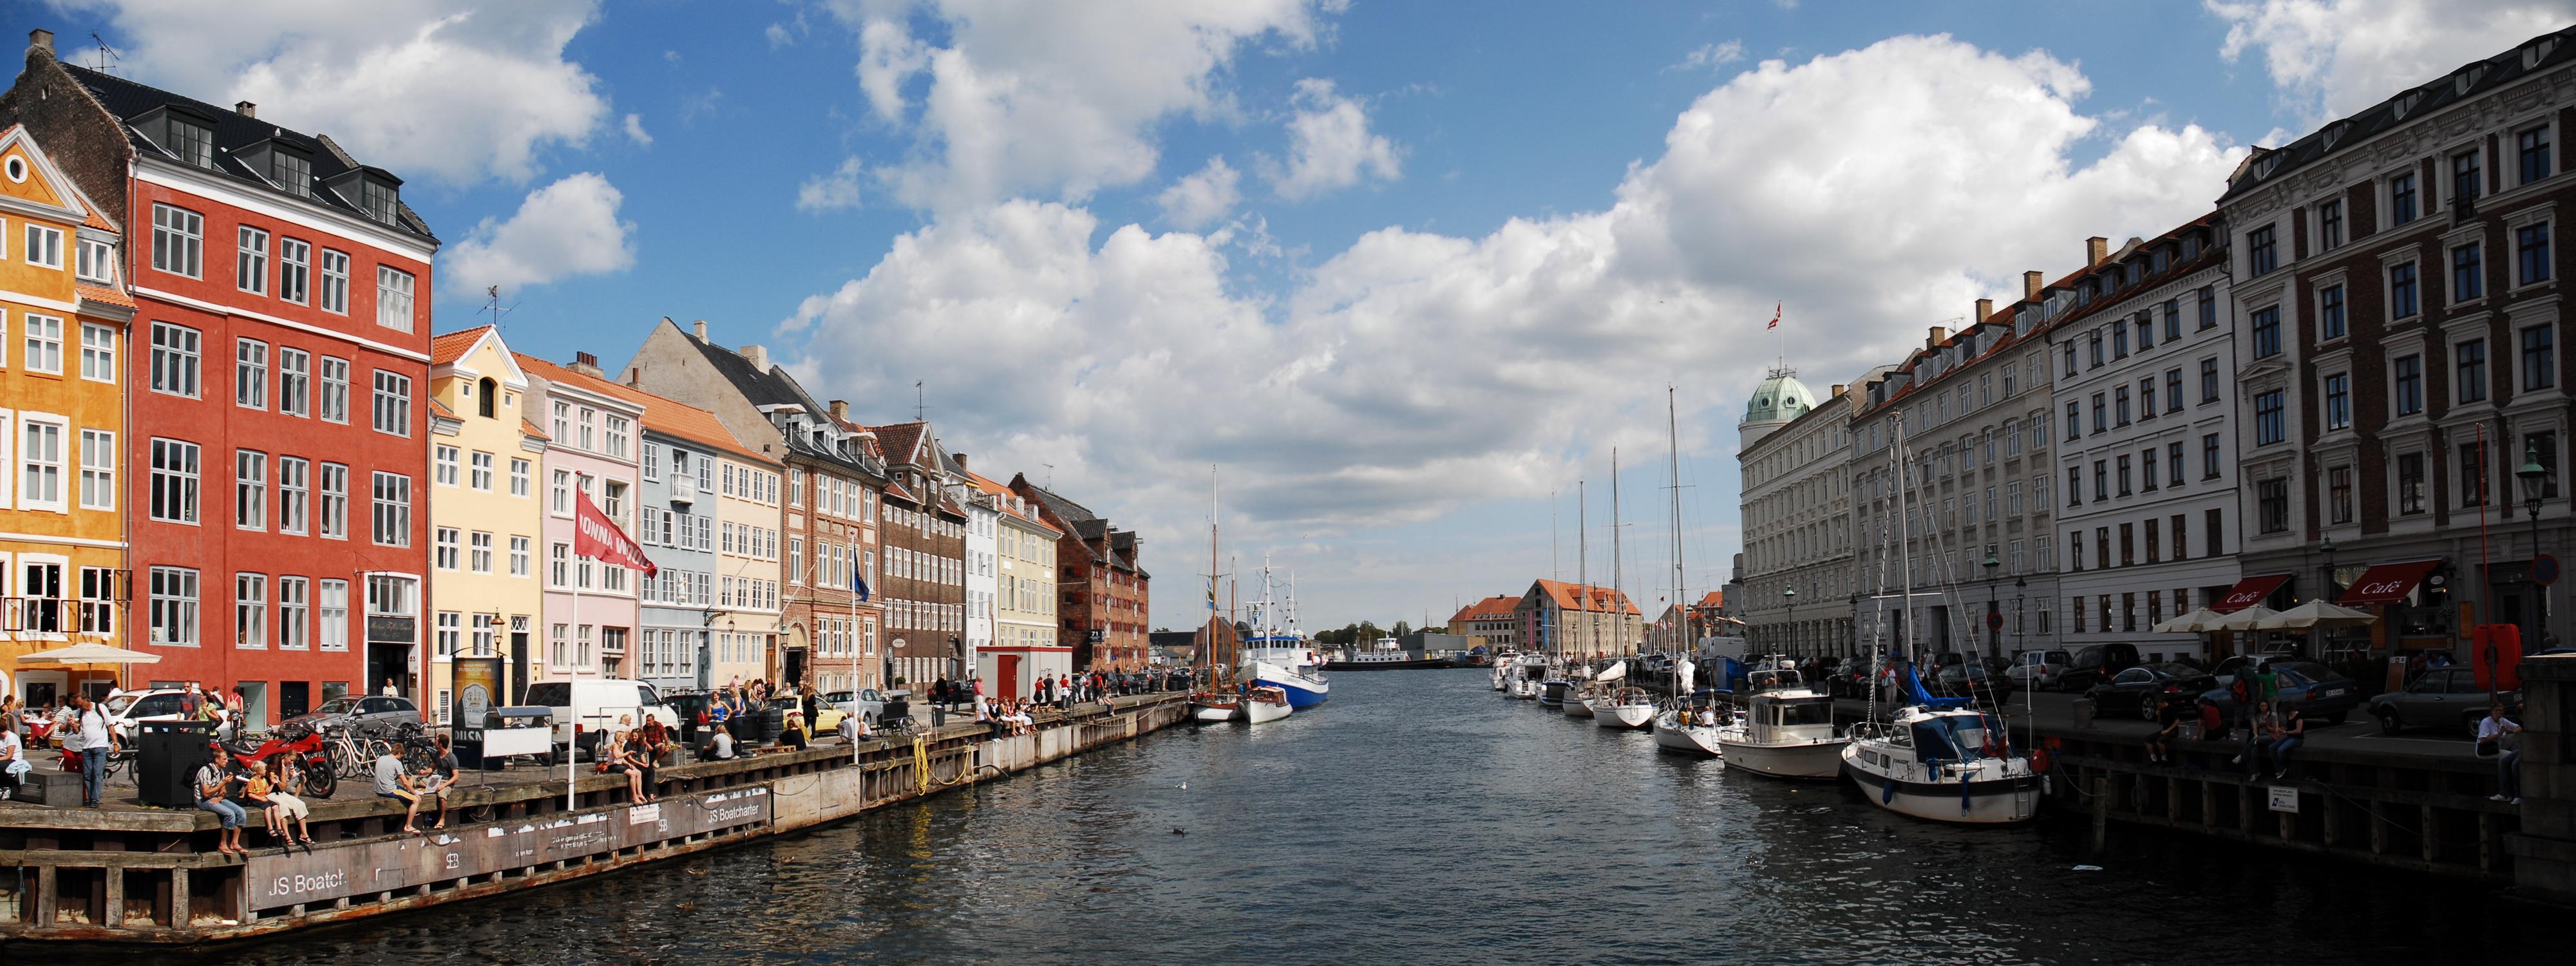 sexet gratis dating Copenhagen